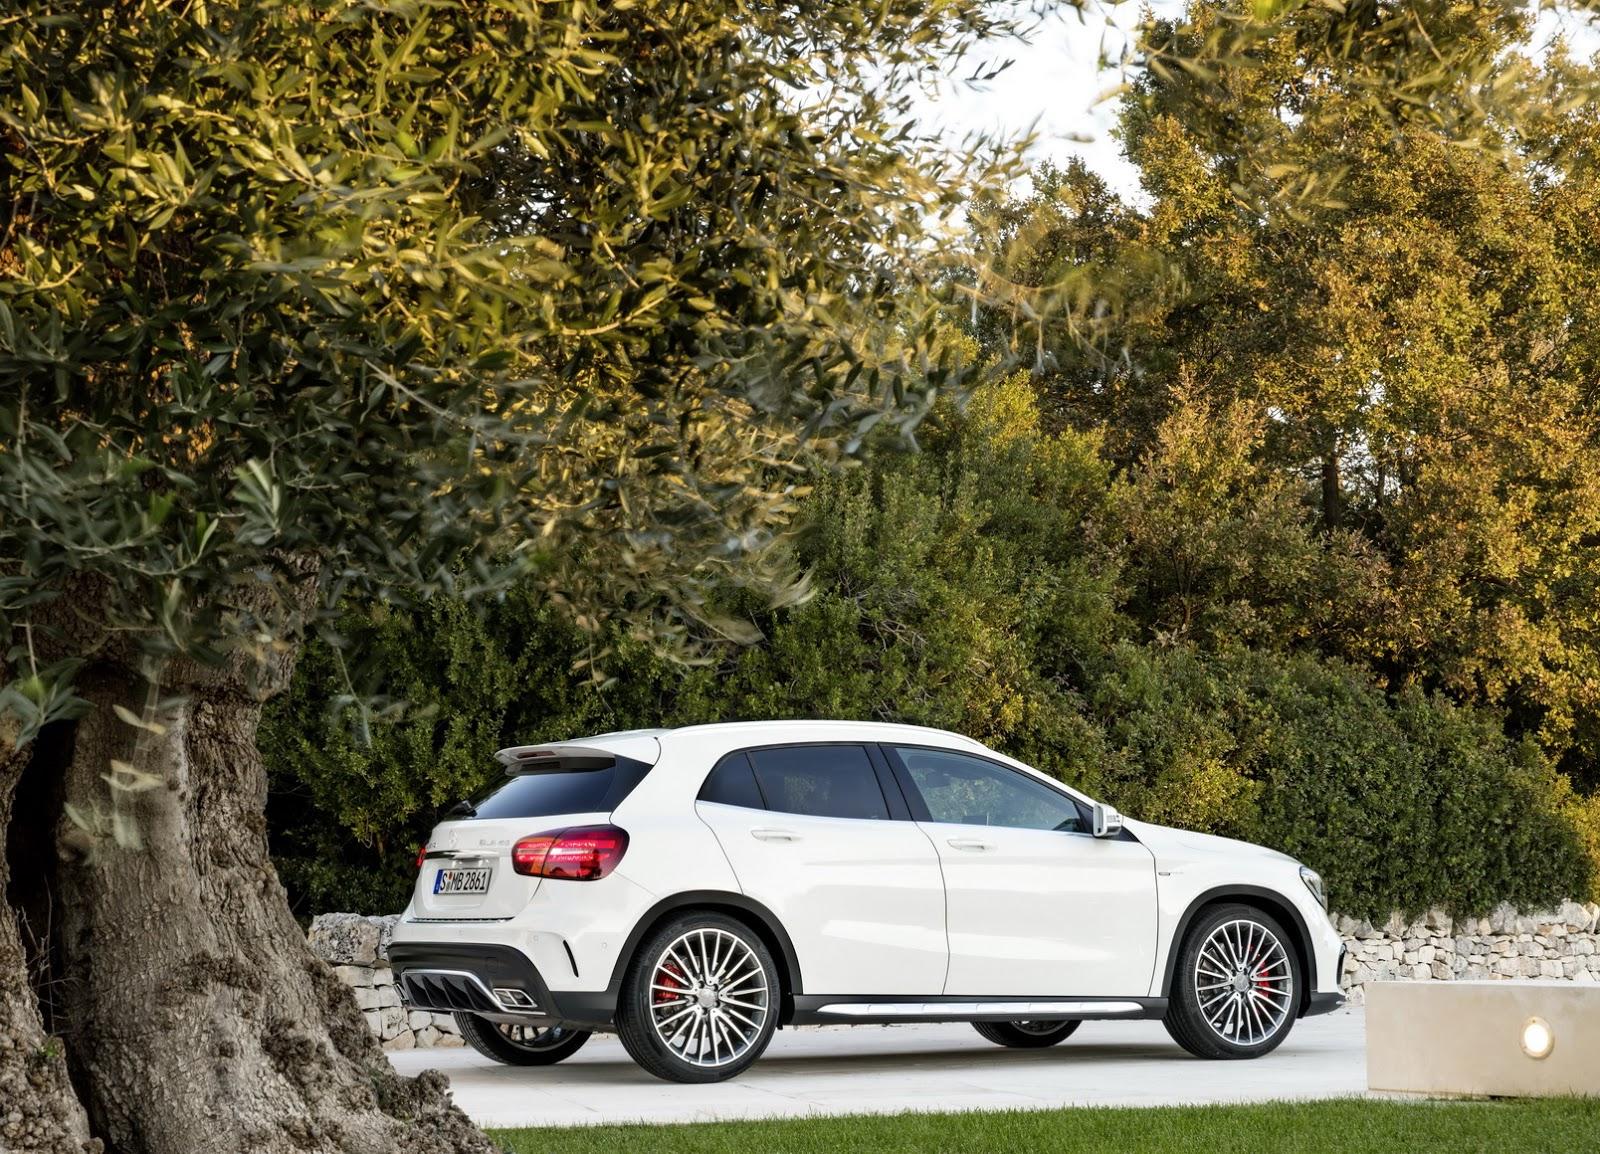 Mercedes GLA facelift and GLA 45 AMG facelift 2017 (22)